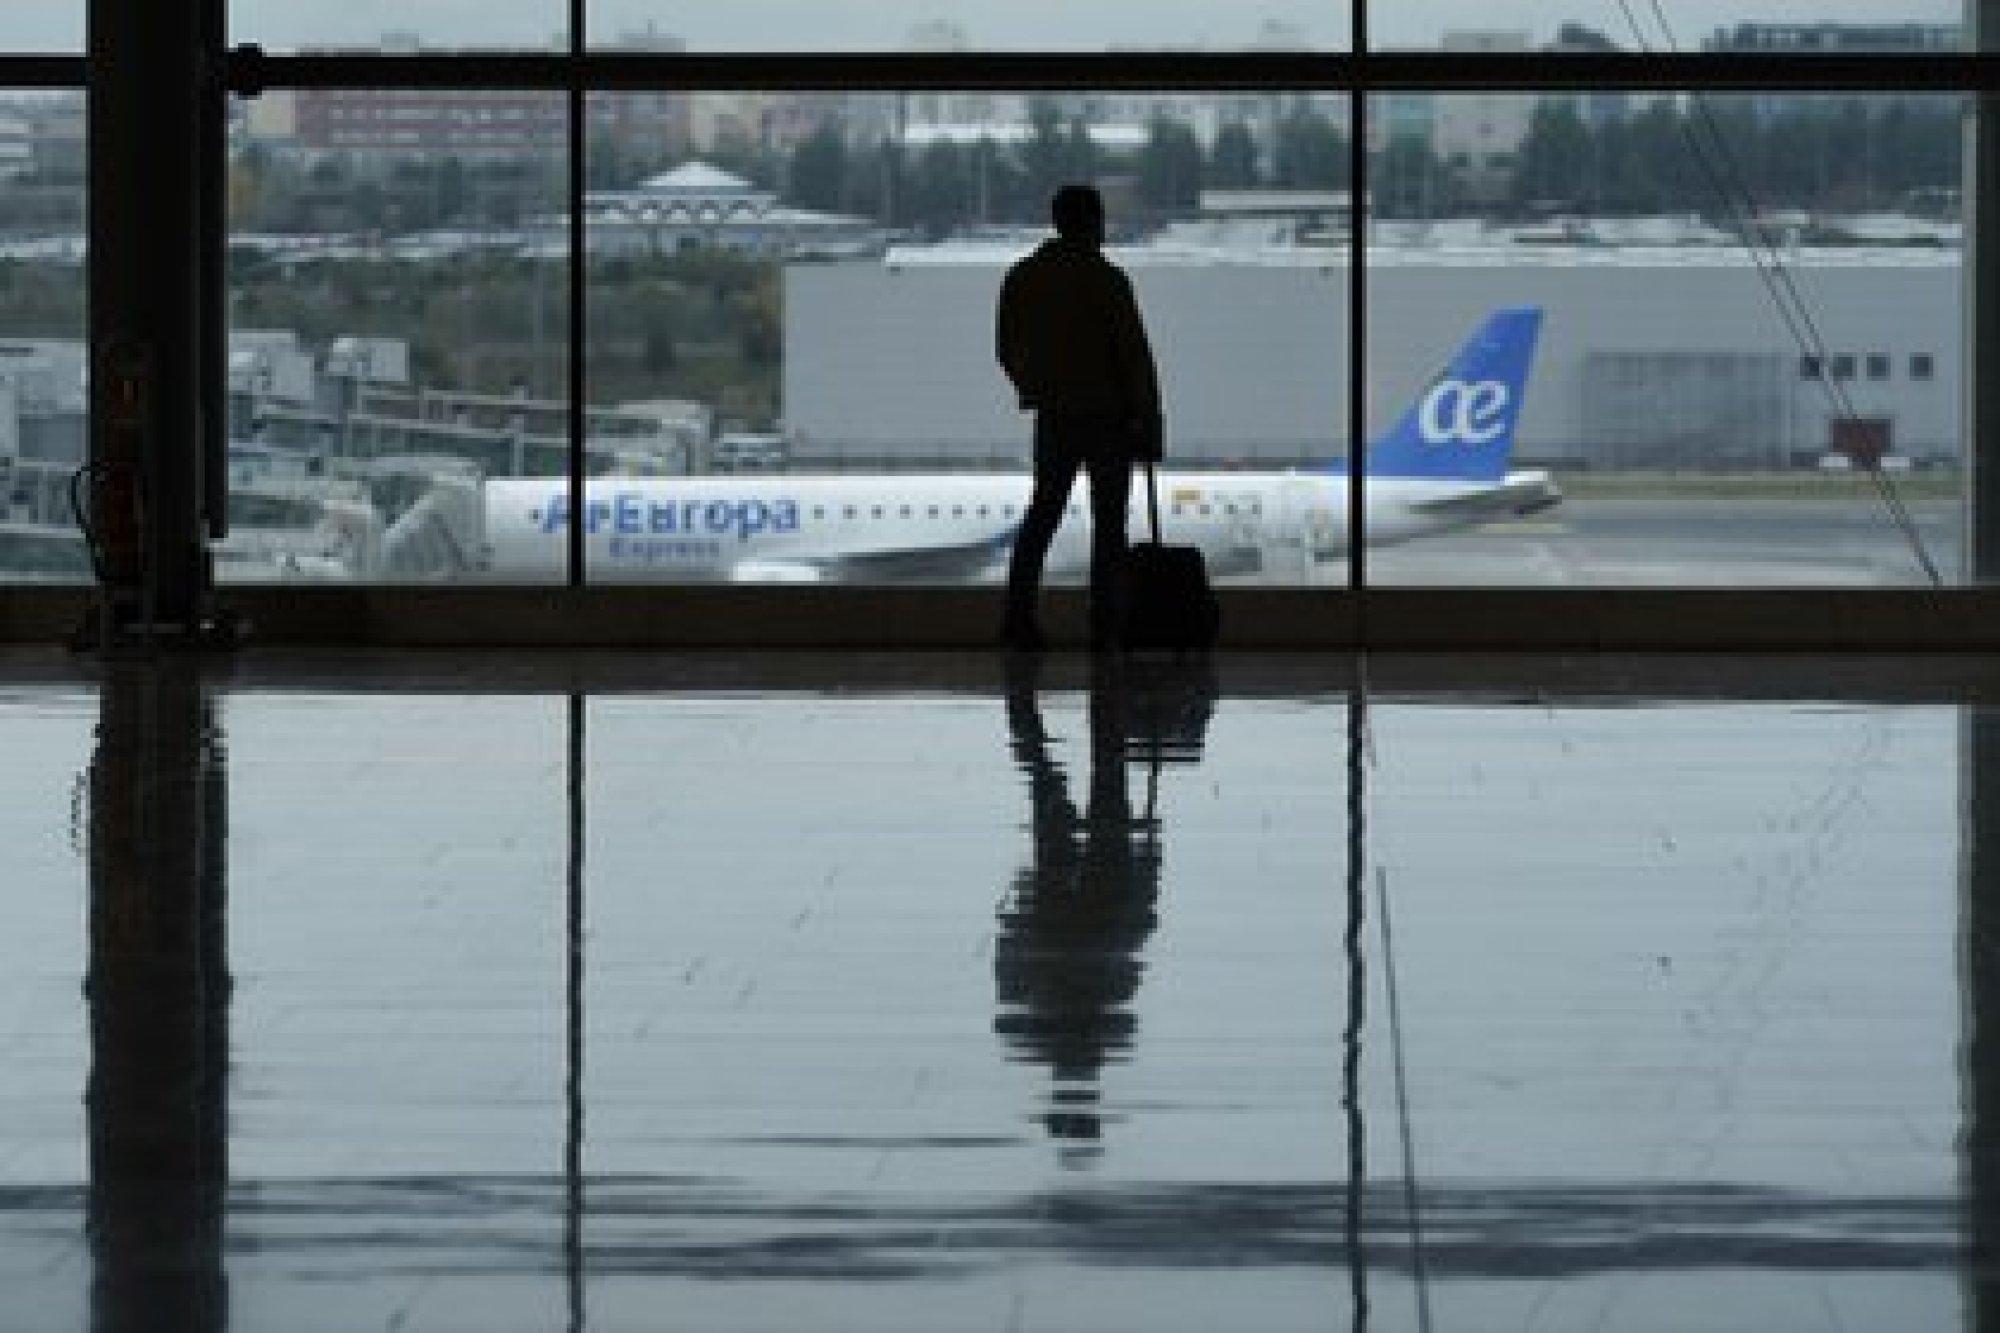 Los pasajeros no necesariamente tienen que experimentar dificultad para respirar antes del despegue para tener problemas para respirar durante el vuelo (Bloomberg)